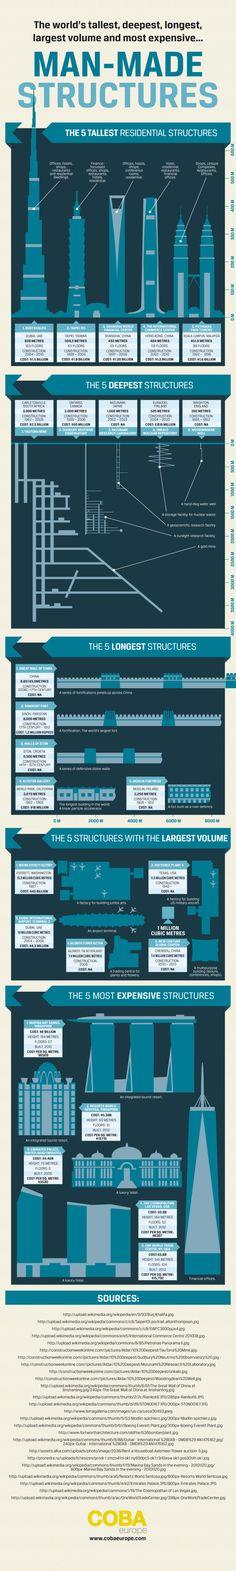 Las 25 estructuras más grades creadas por el hombre